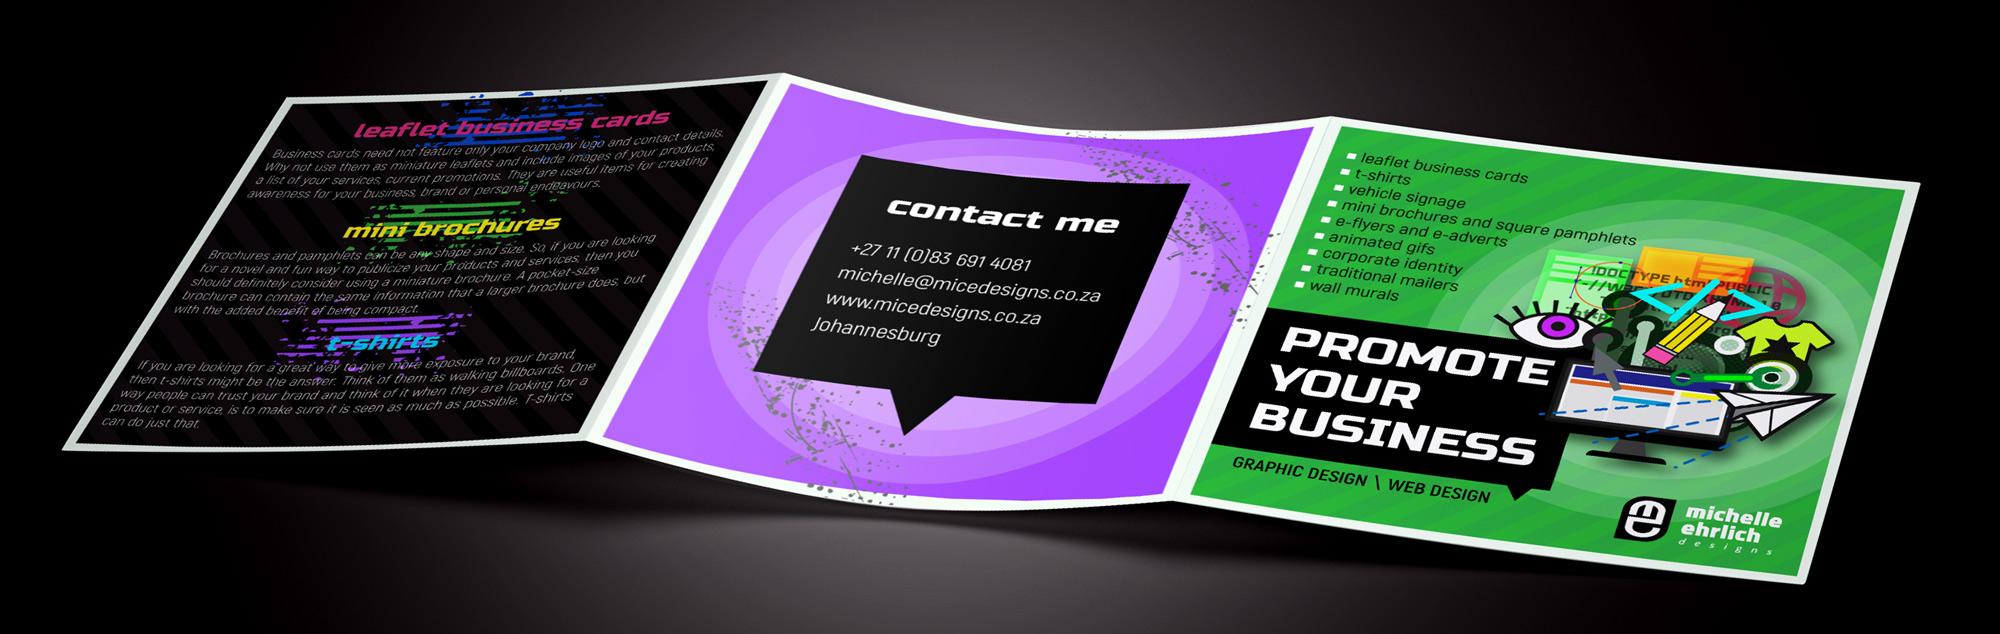 Brochure banner